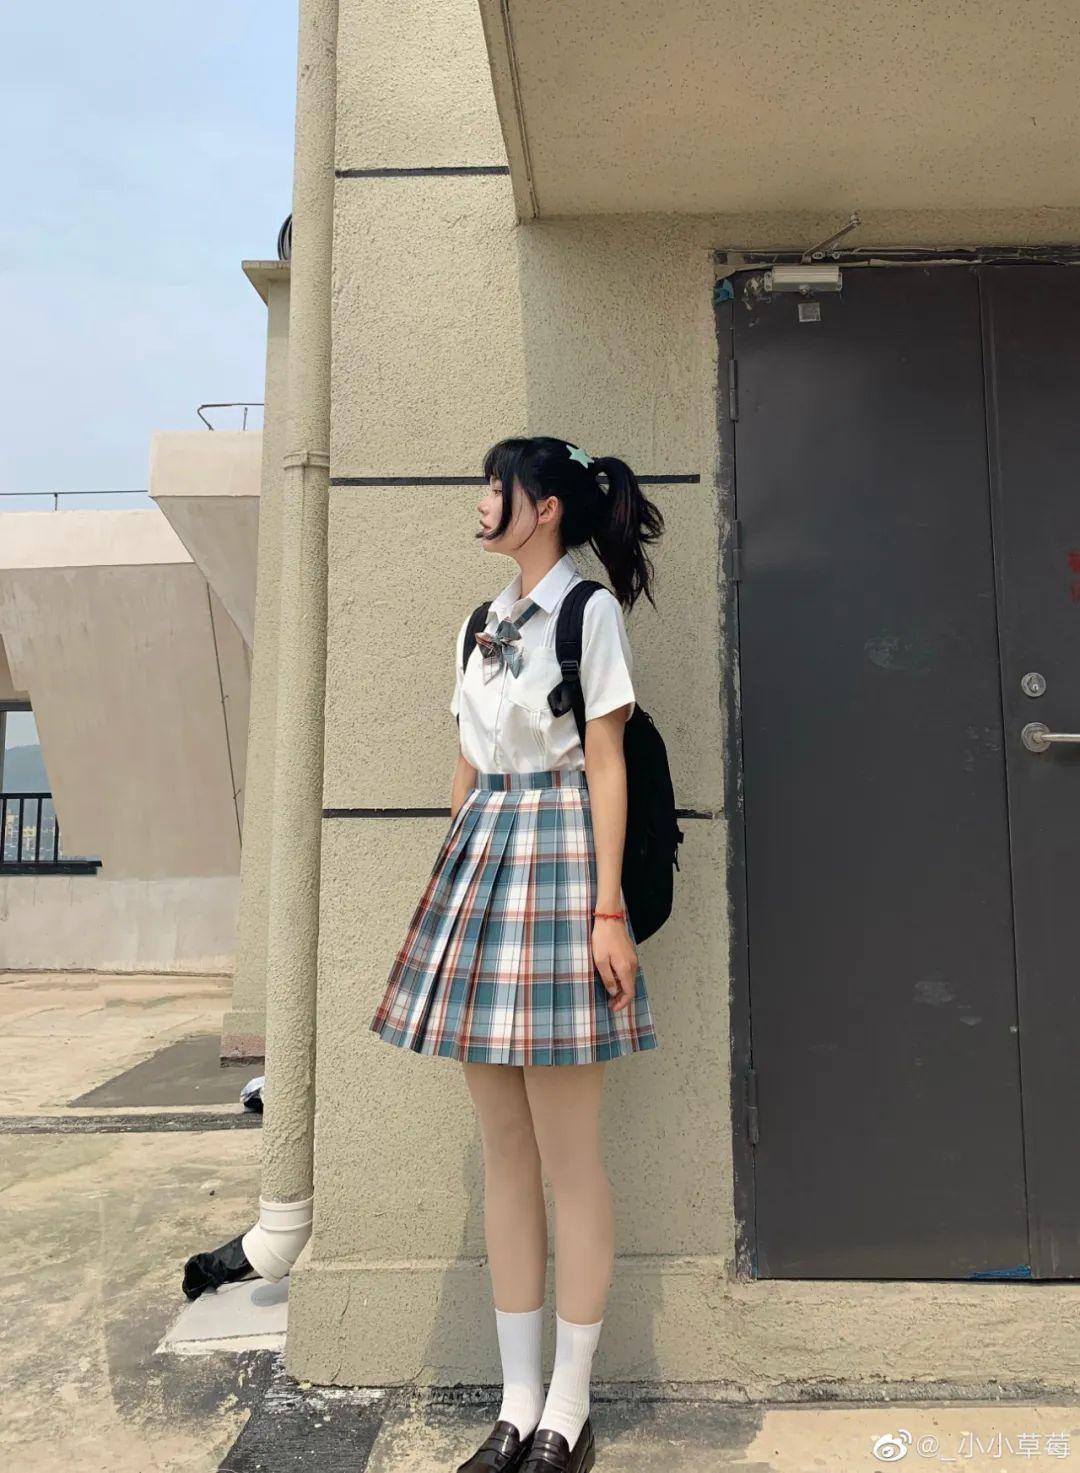 妹子摄影 – JK制服大长腿小姐姐,头顶大蝴蝶结可可爱爱_图片 No.11